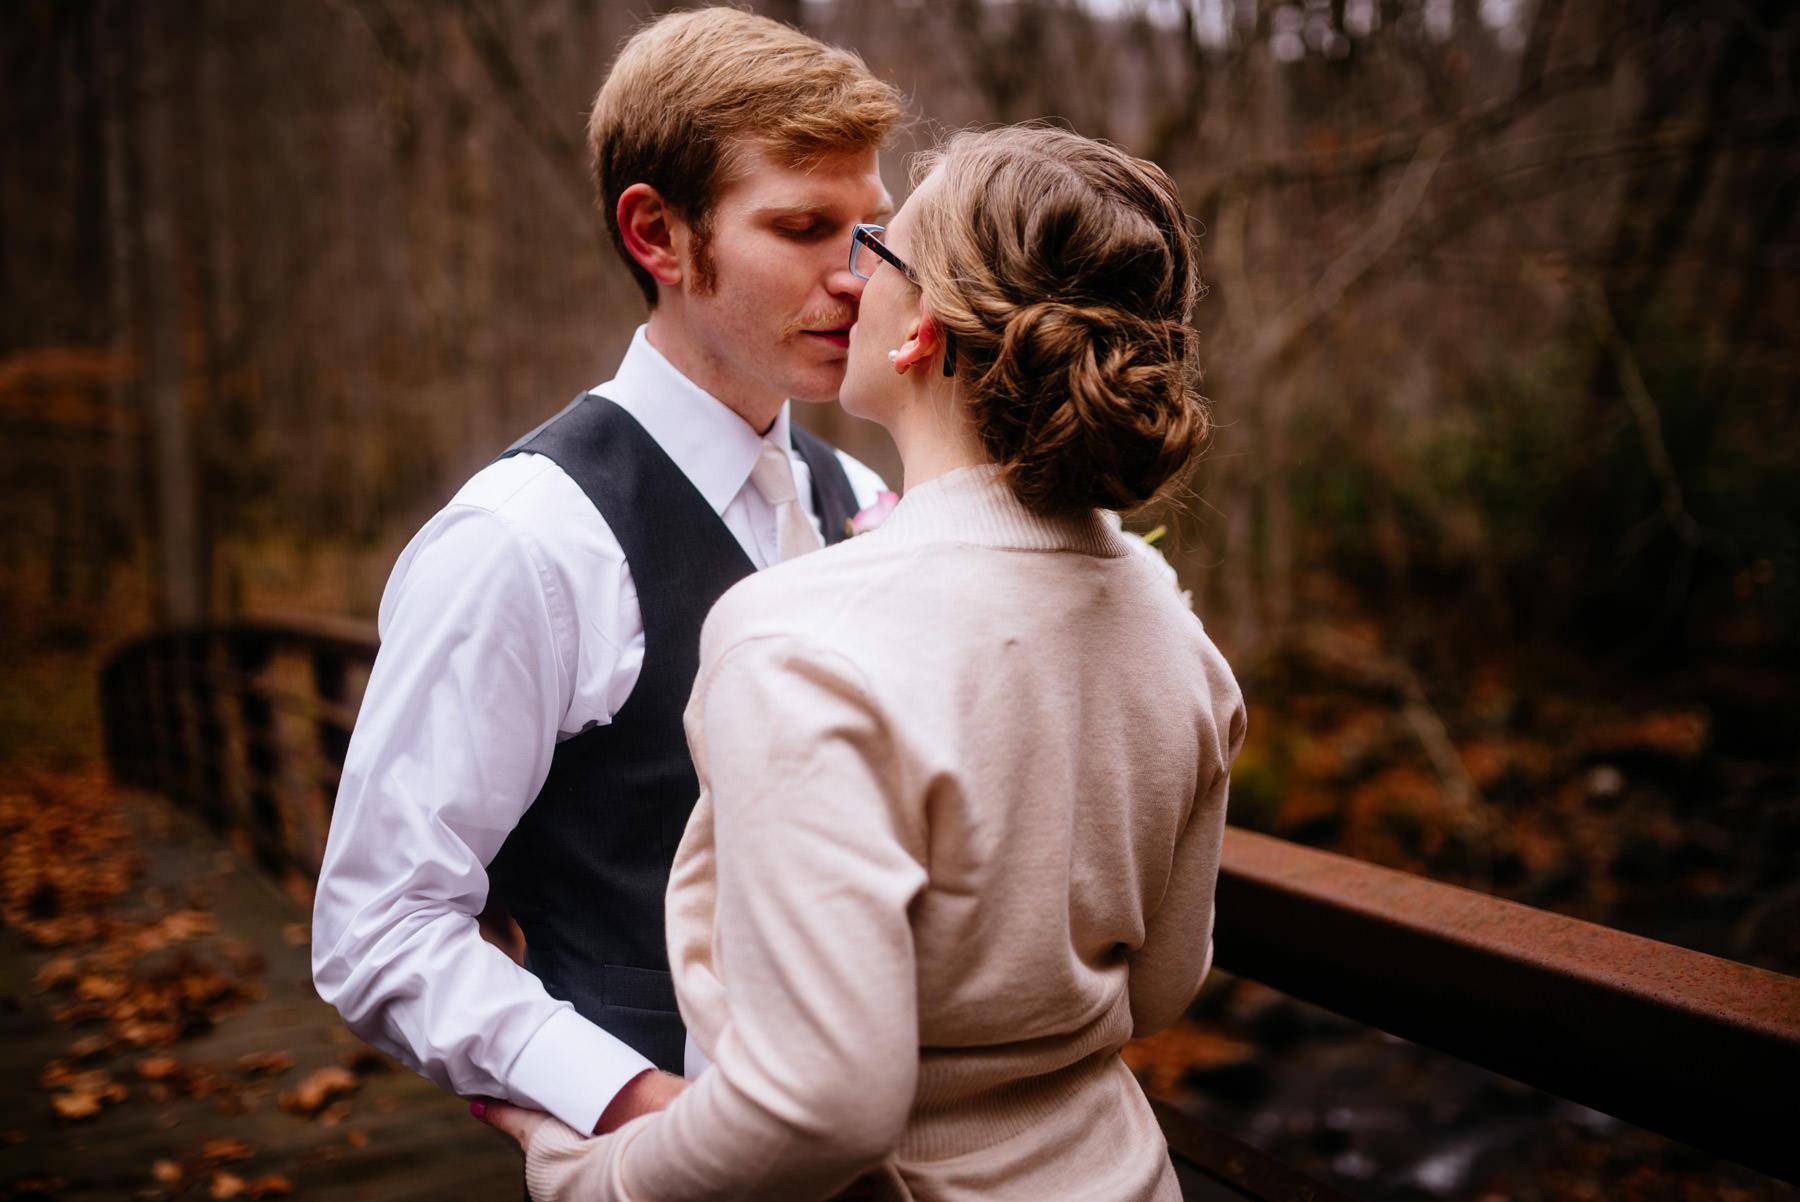 bride groom kissing autumn outdoor elopement